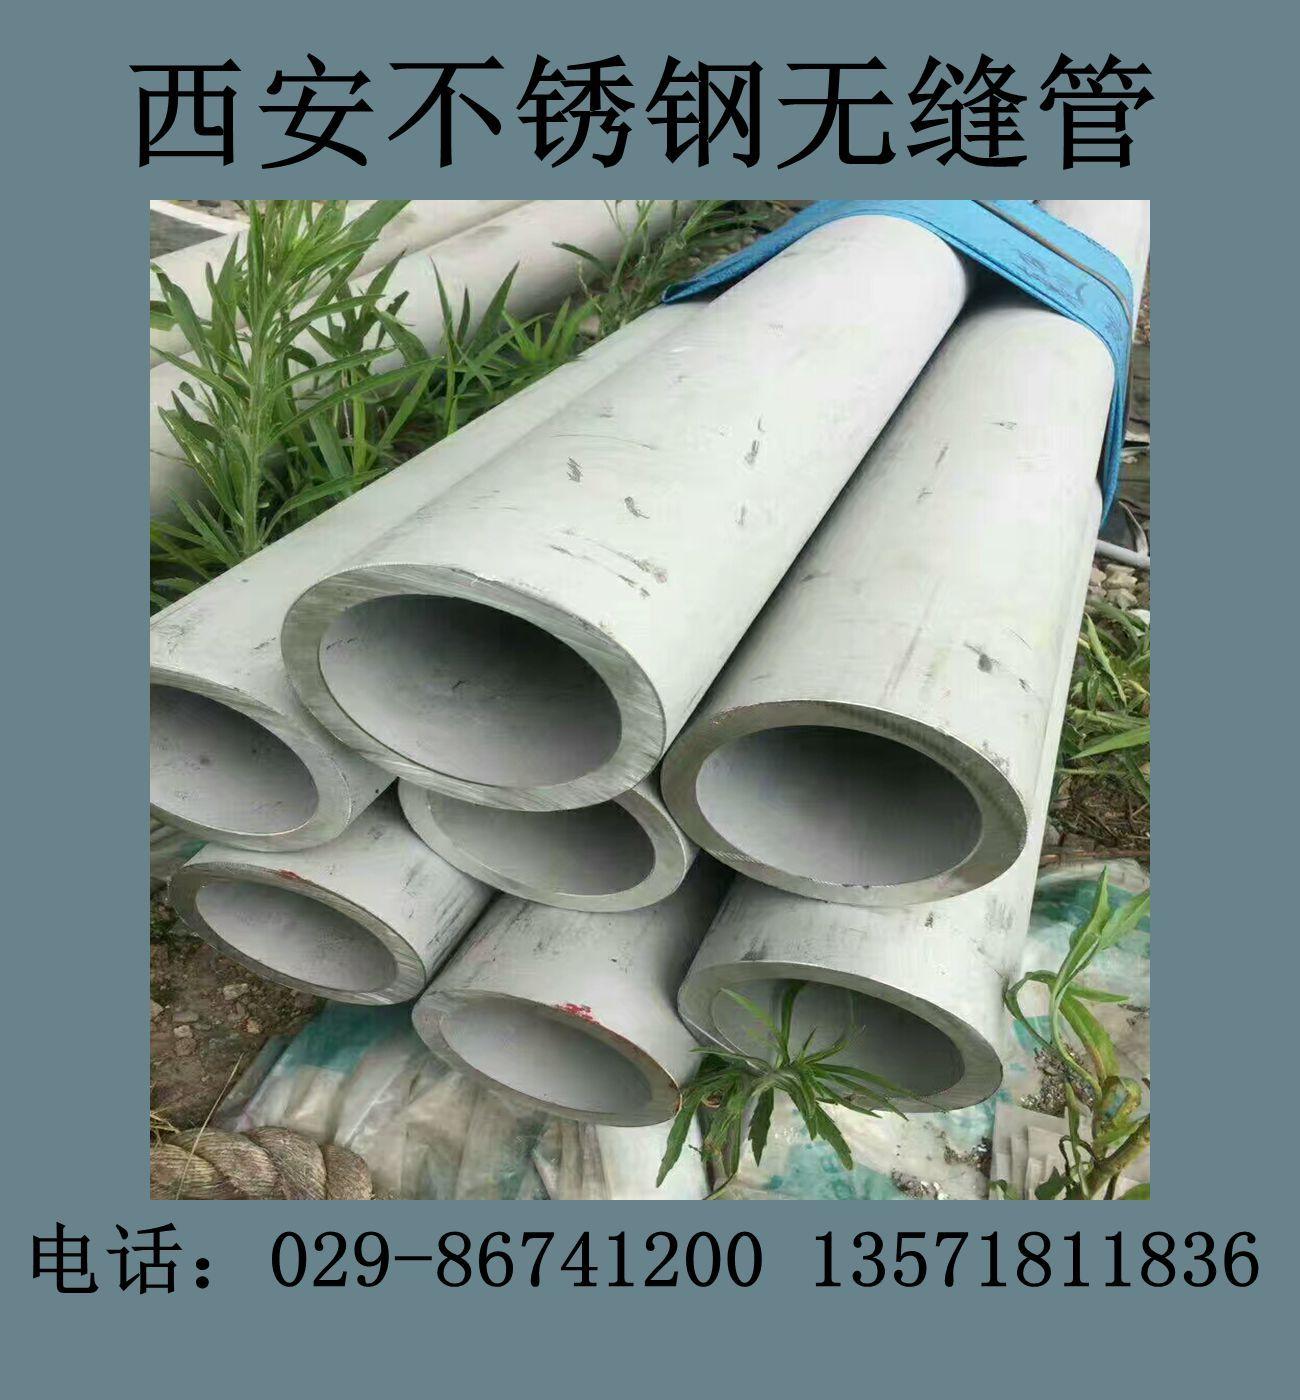 石河子不銹鋼管石河子304不銹鋼鋼管石河子347不銹鋼管廠家直銷